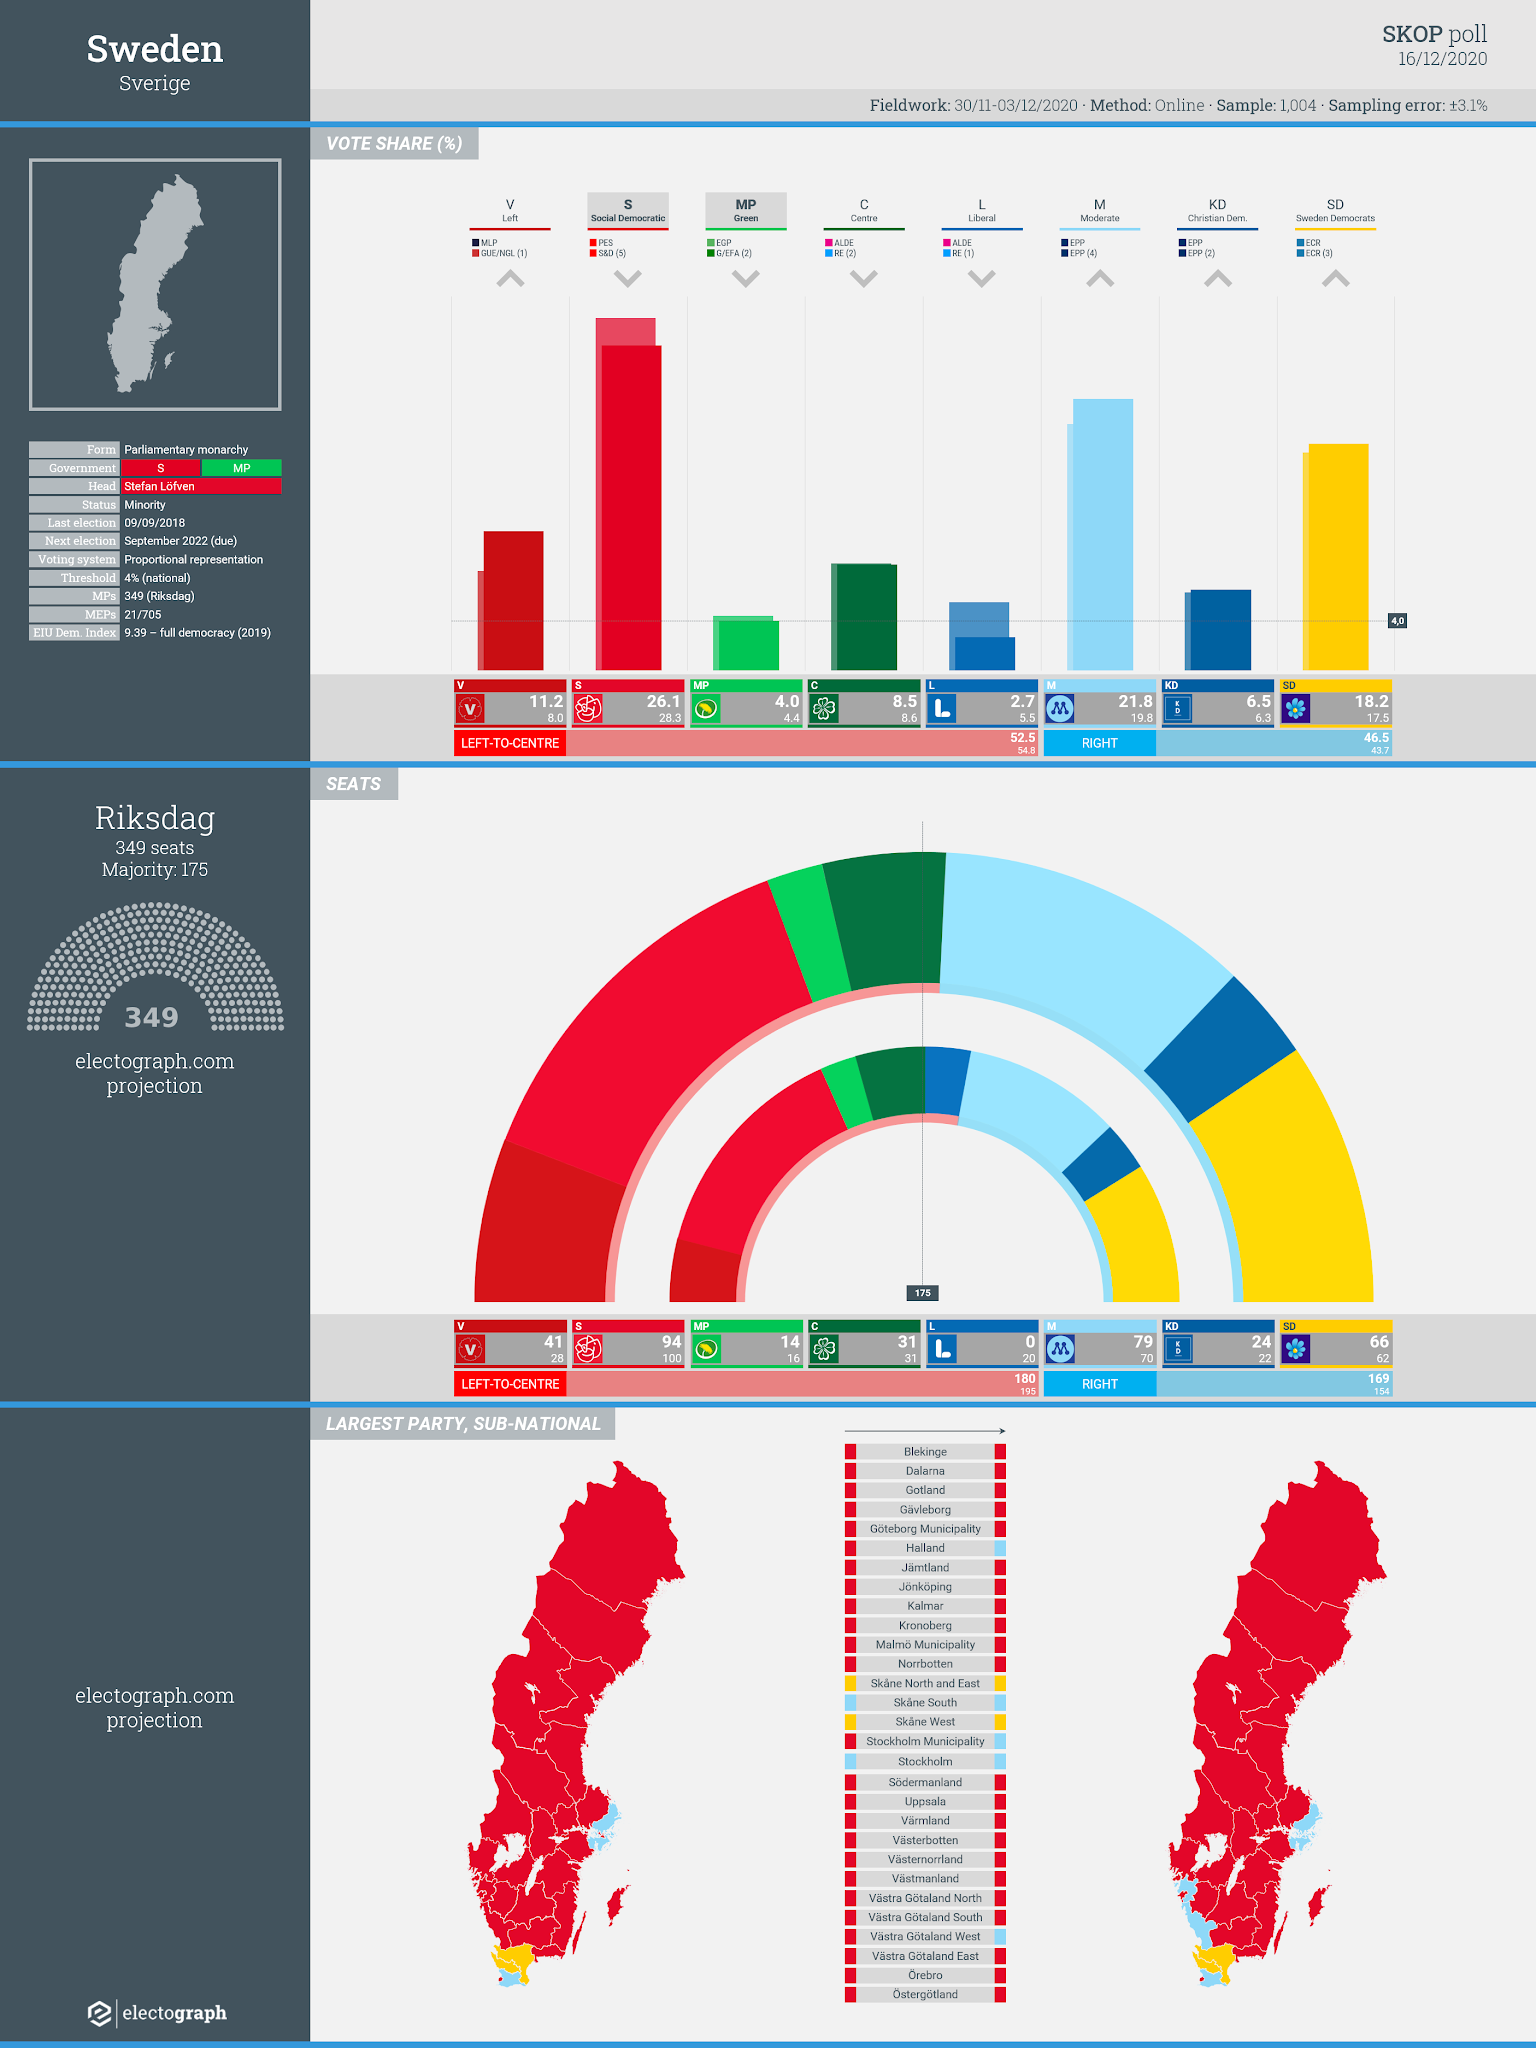 SWEDEN: Skop poll chart, 16 December 2020